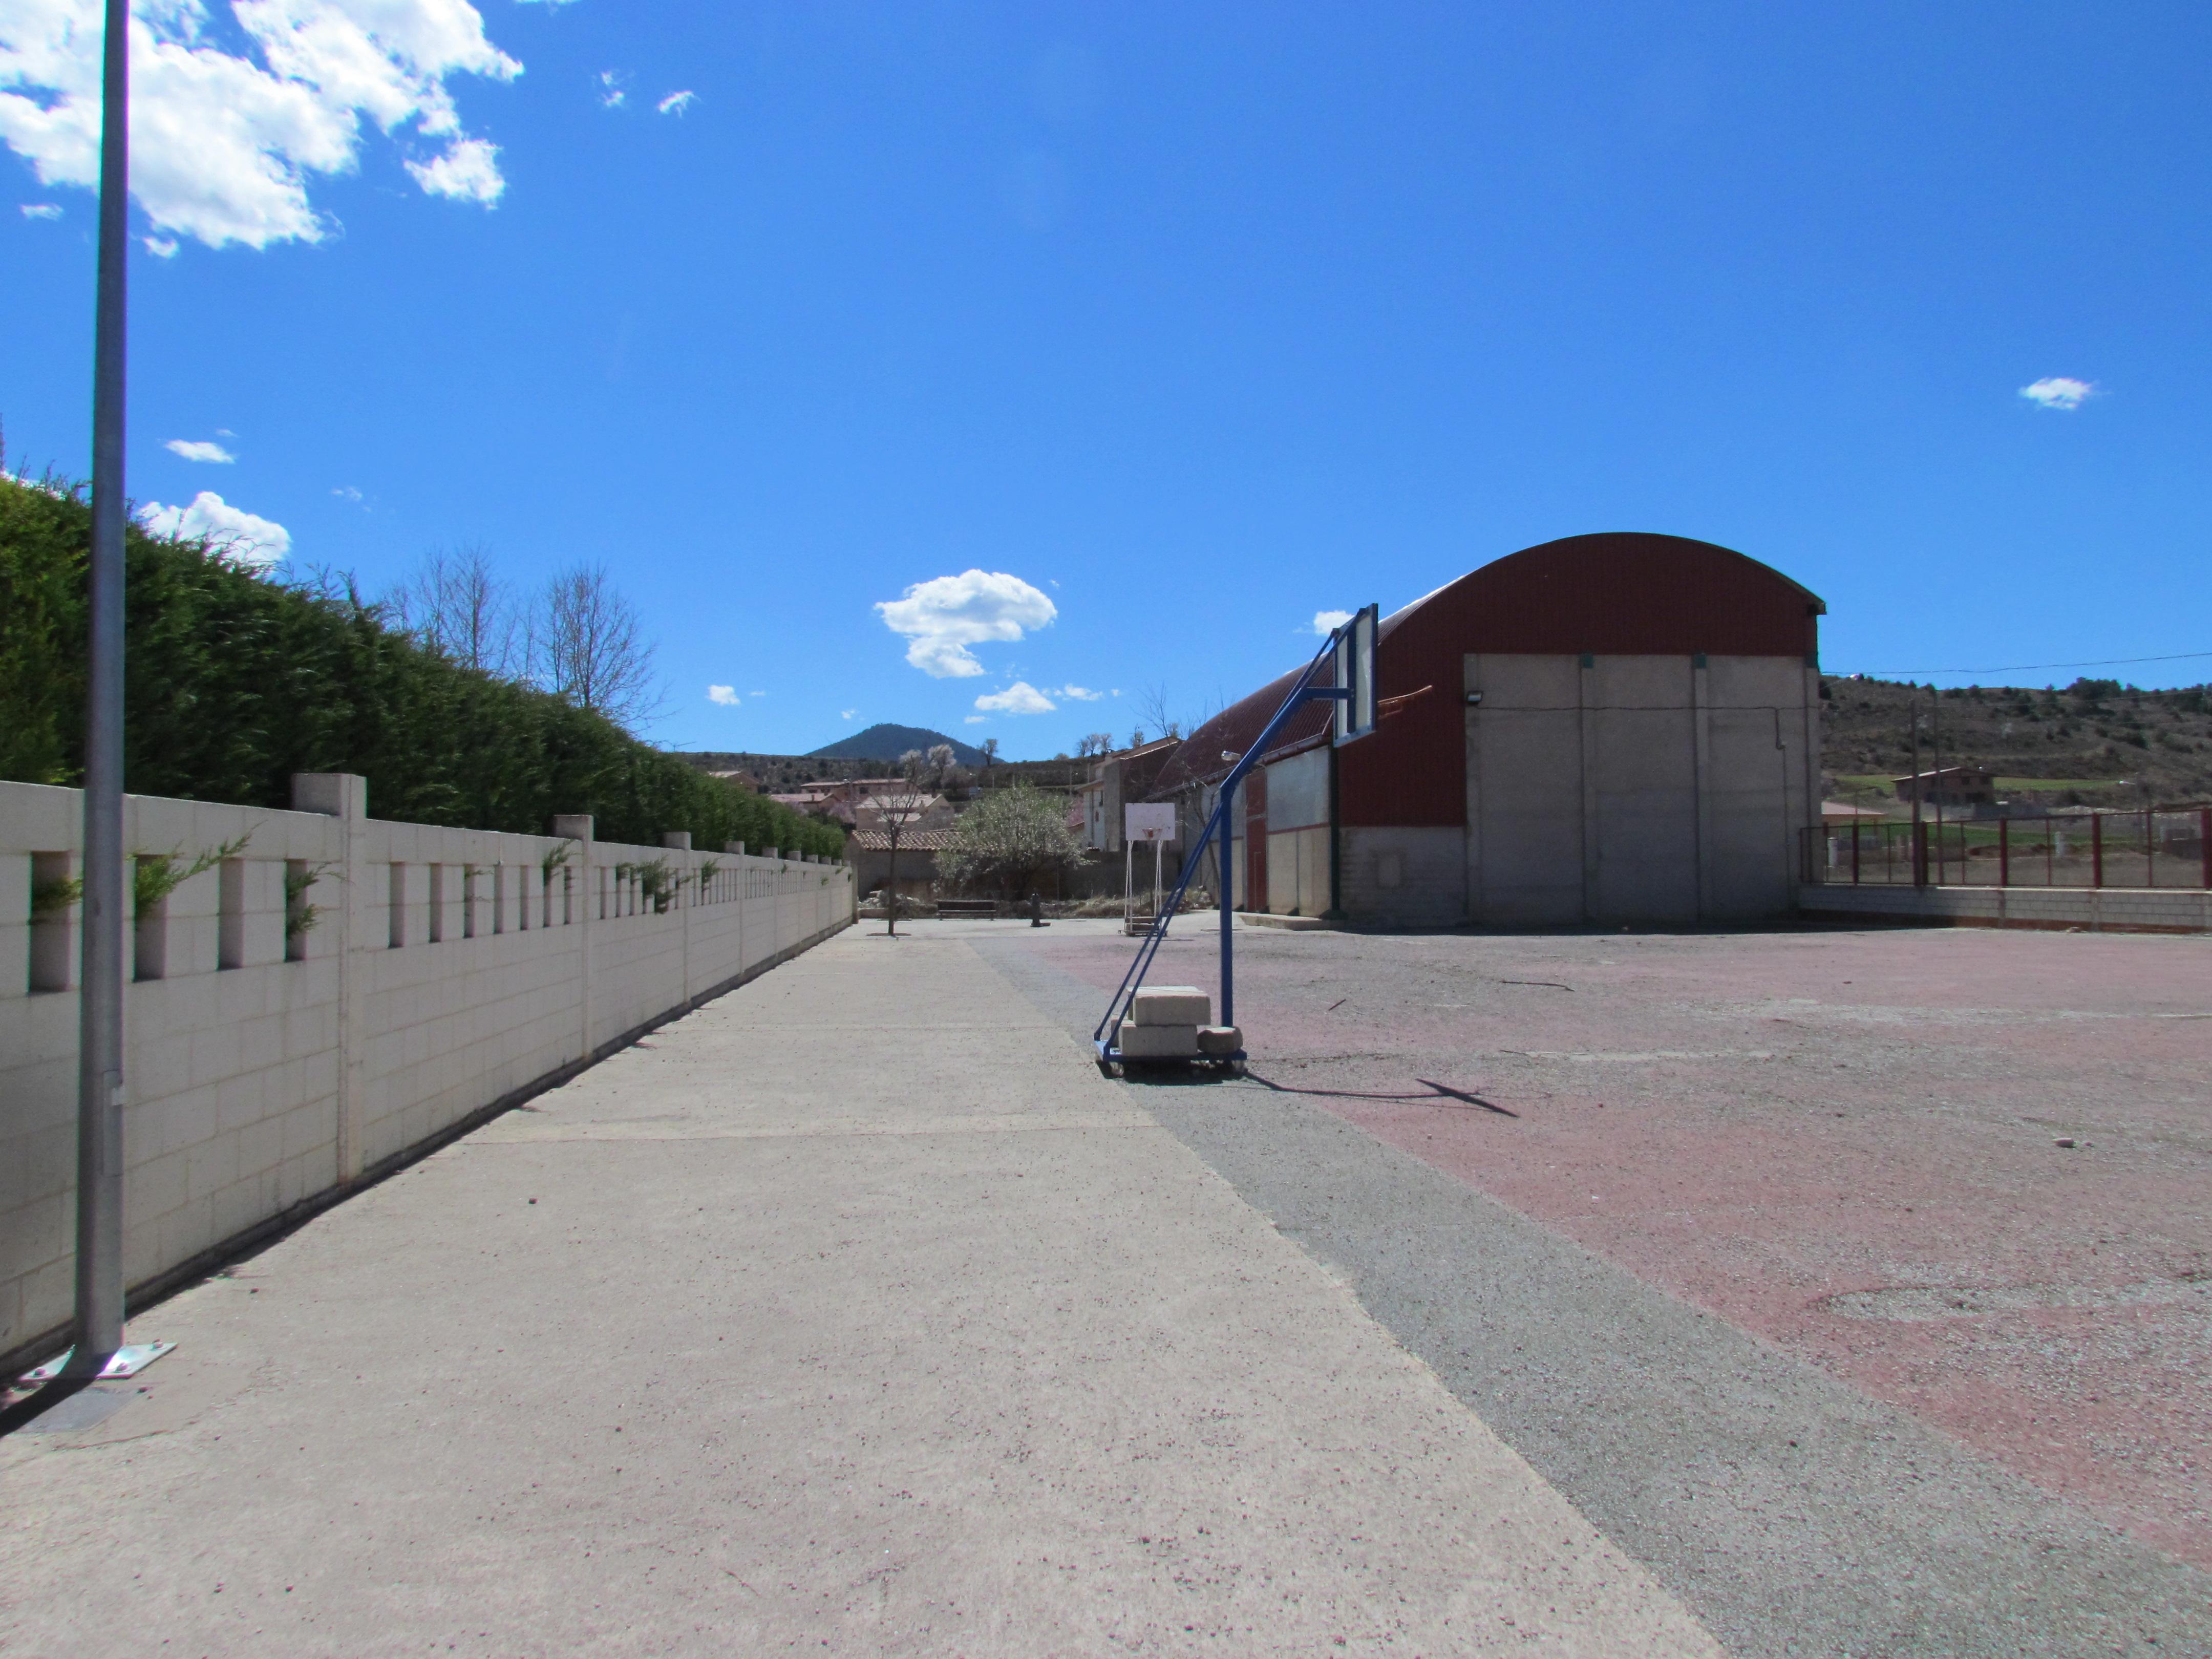 GEA_04_M. A. Martín_ESCUELAS 2